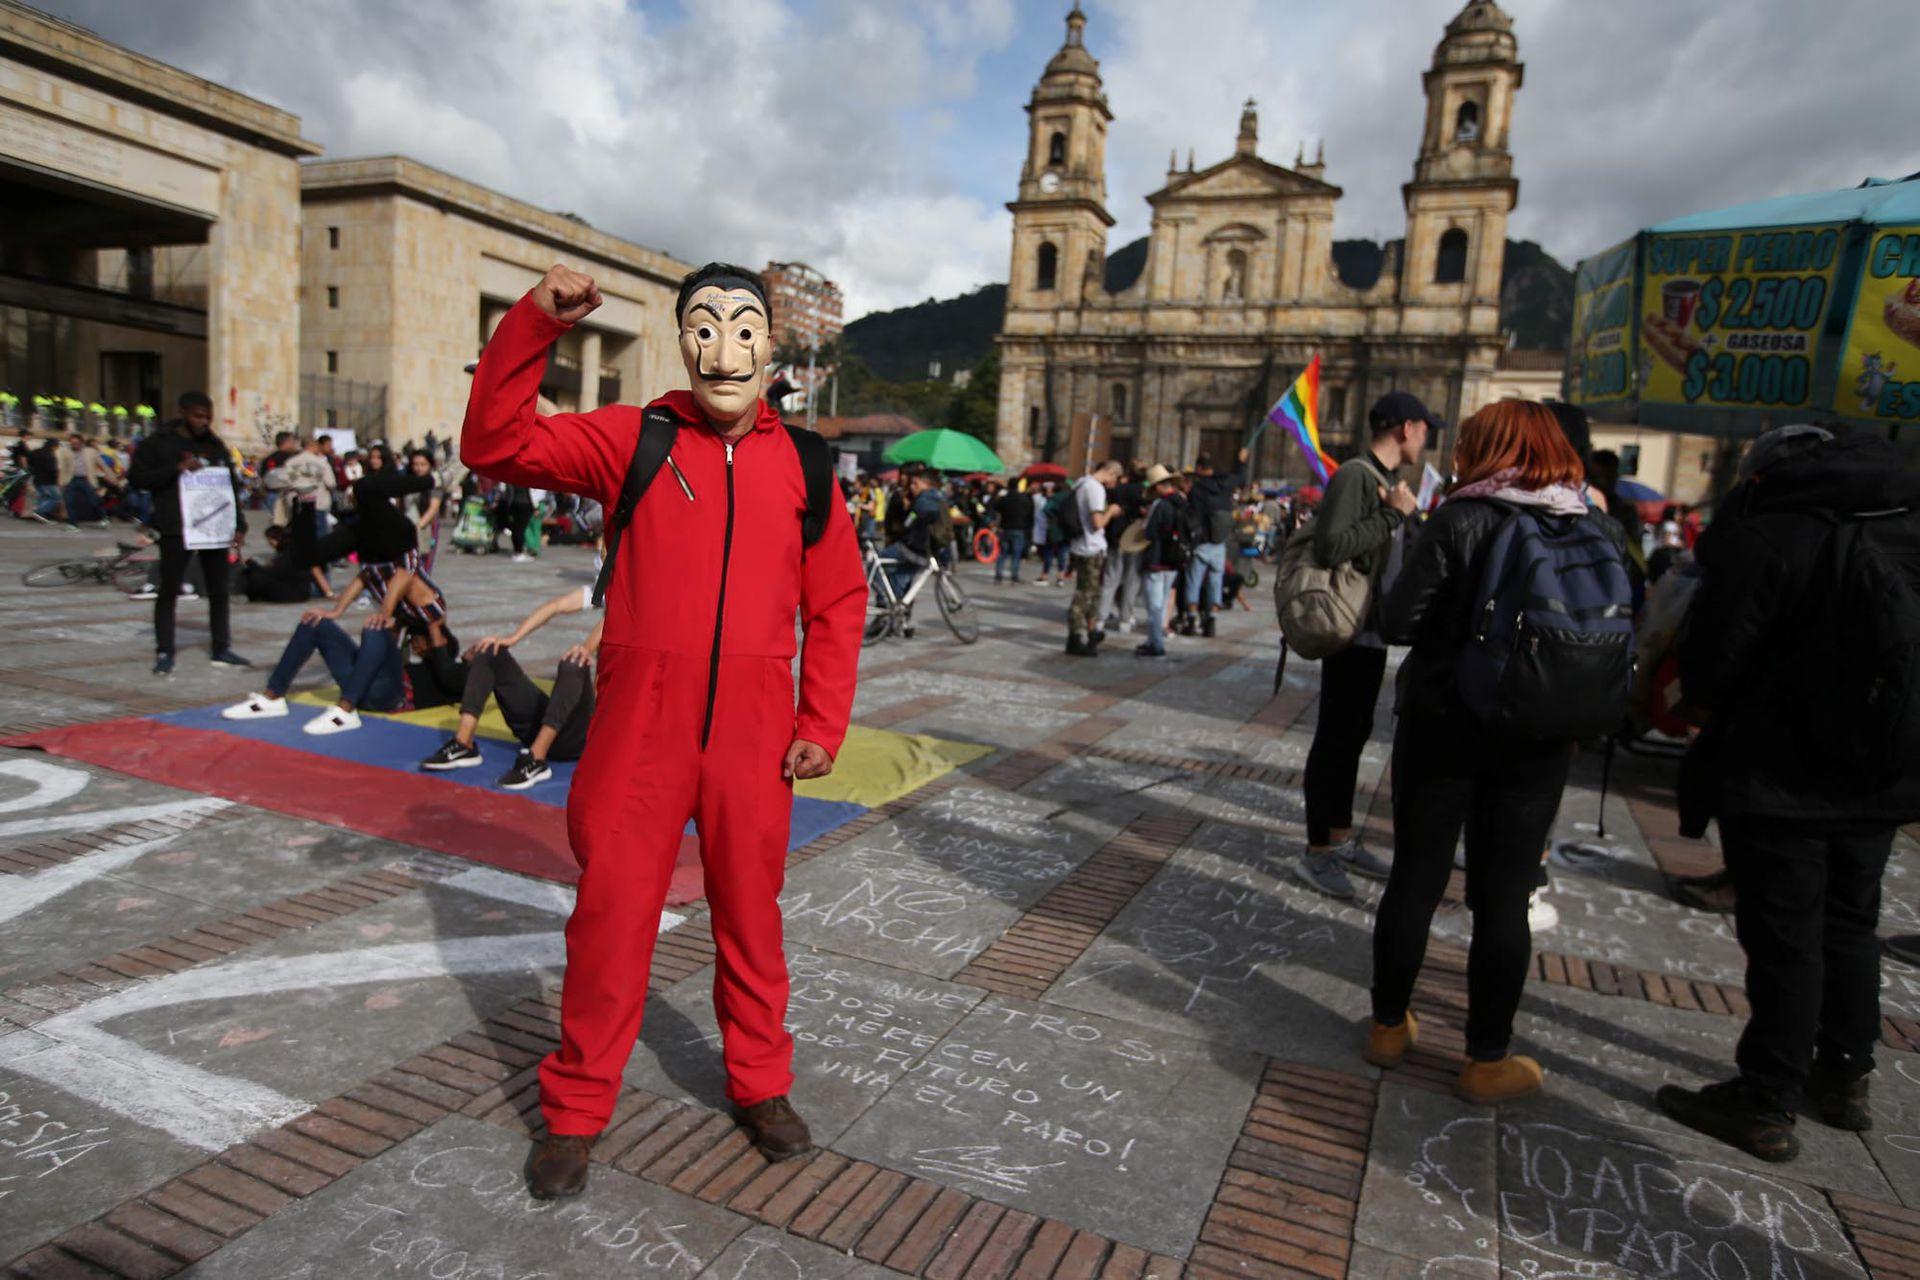 El maestro Andrés Felipe Vargas, de 52 años, en una protesta durante una huelga nacional en Bogotá, Colombia, 27 de noviembre de 2019.